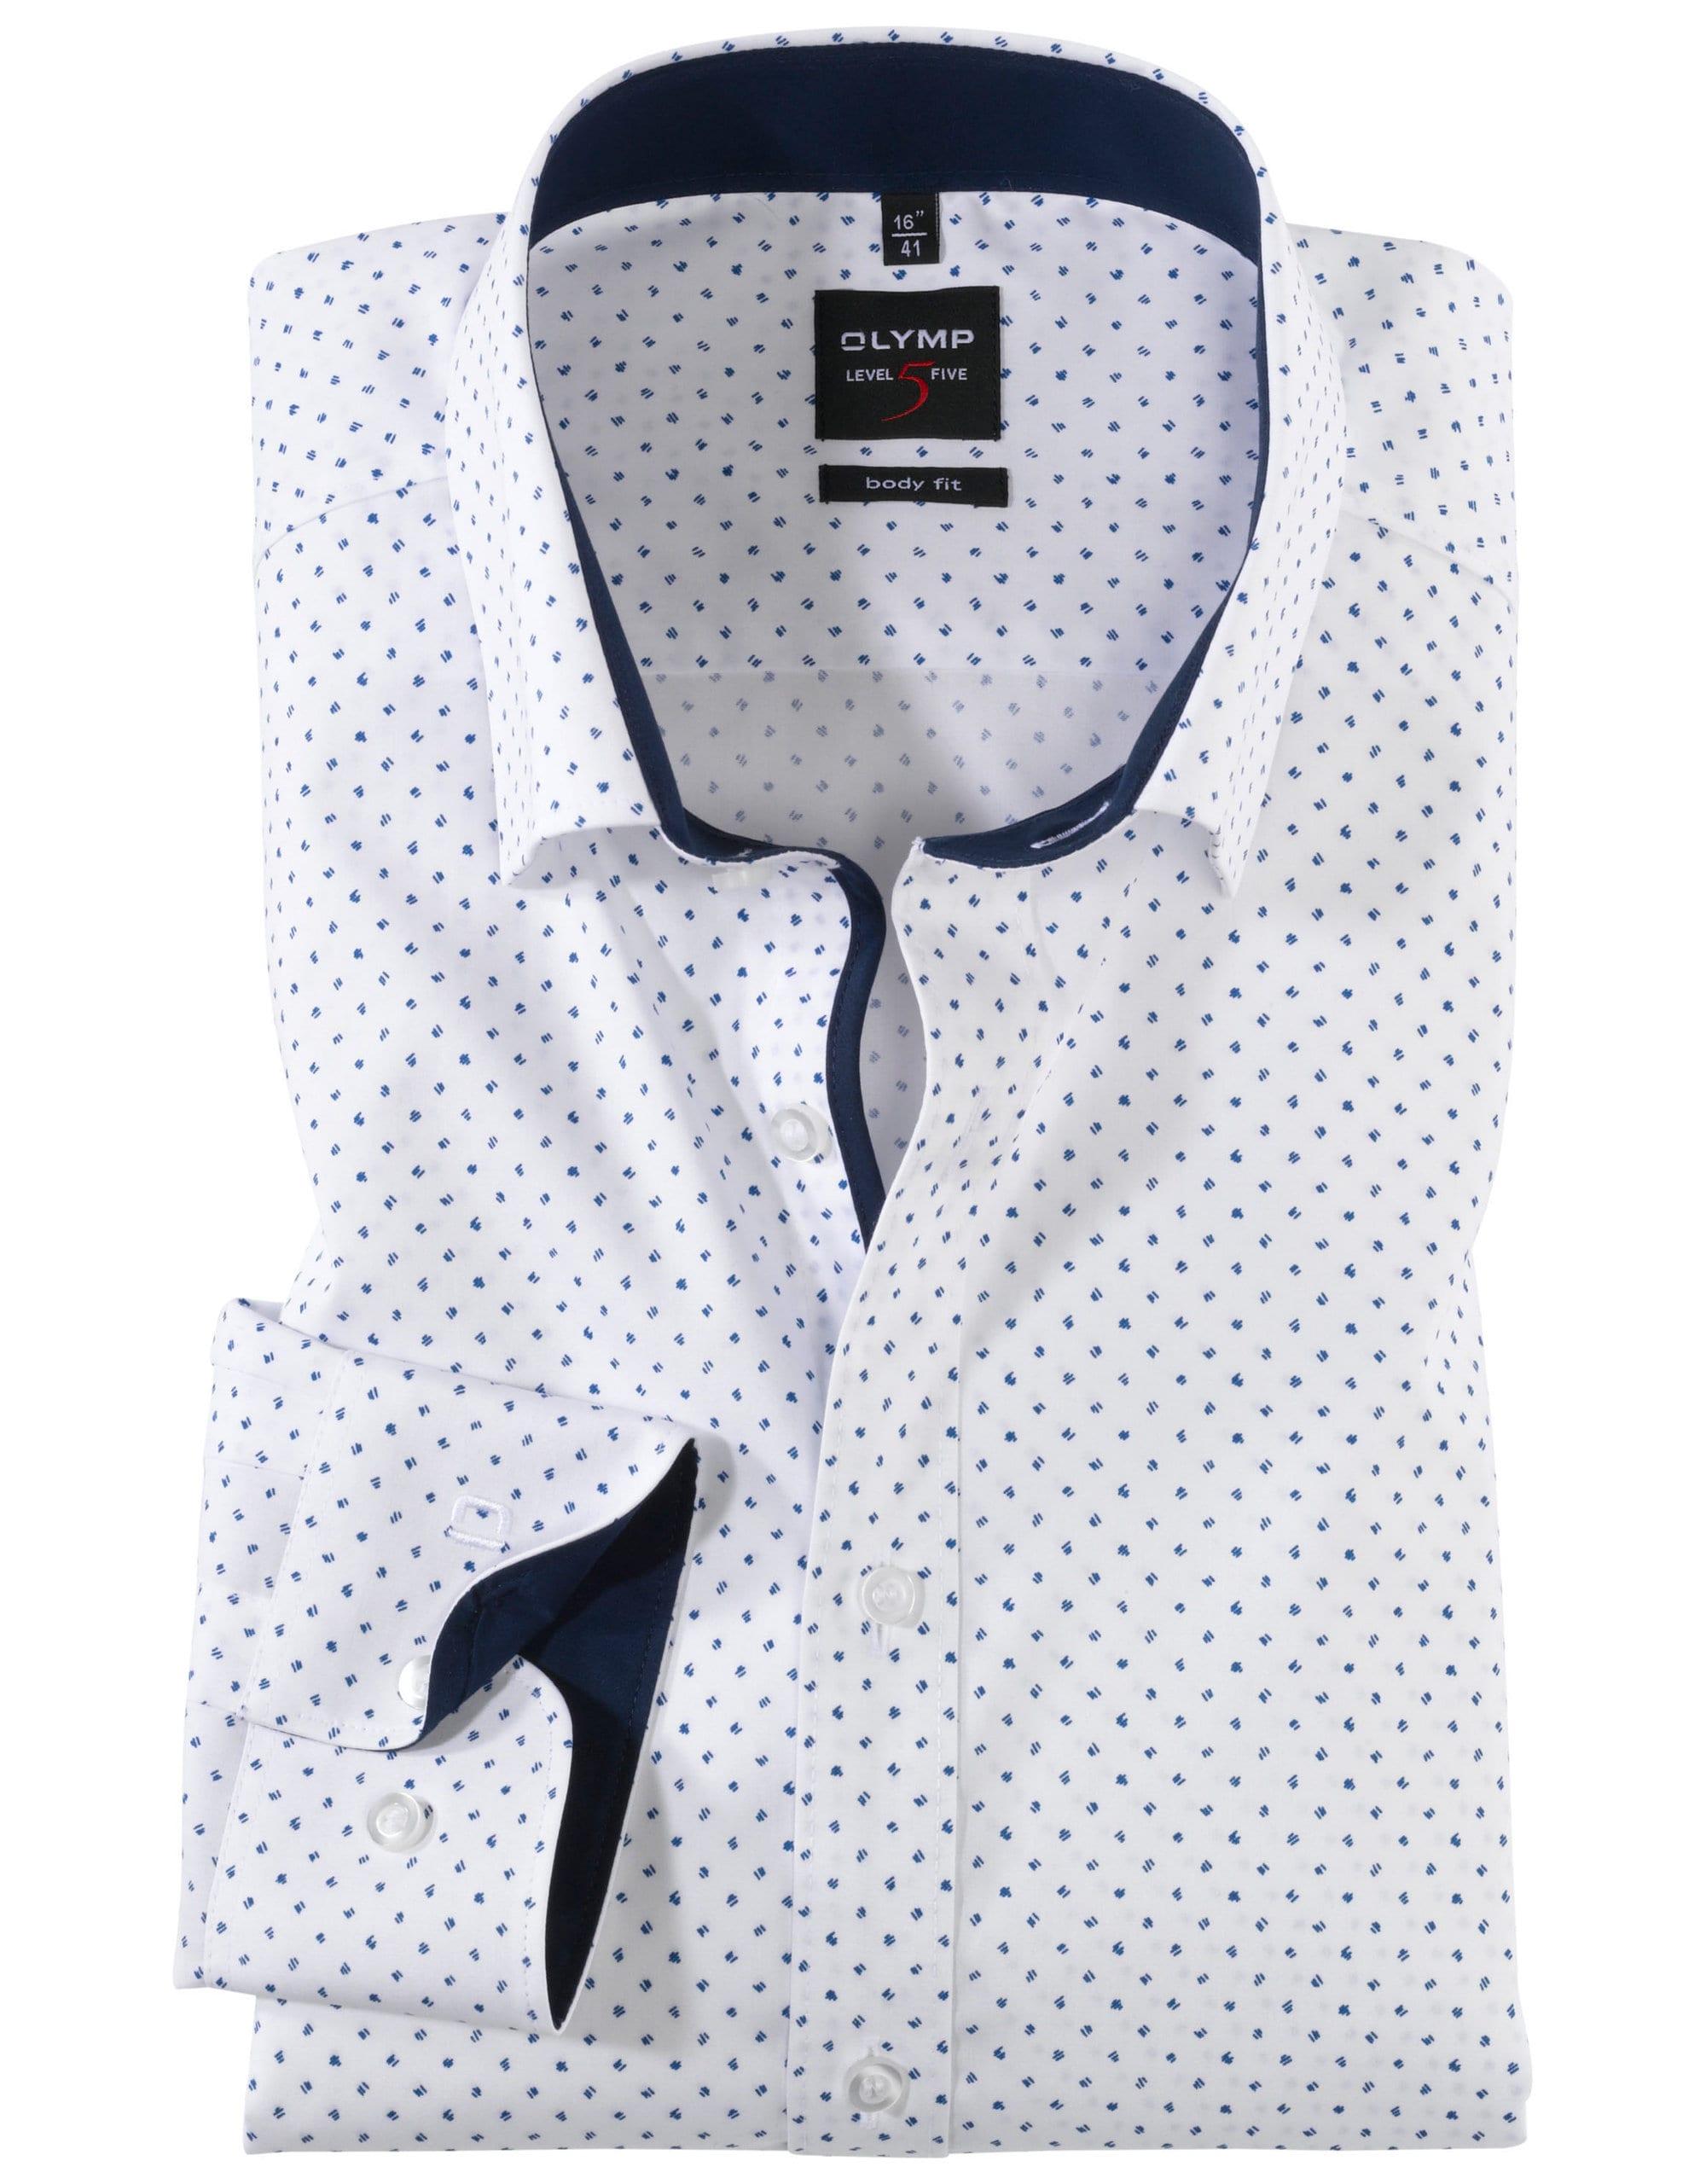 221d9c1801 OLYMP Level5 Body Fit Fehér Kék Mintás Ing - Elite Fashion Öltönyház